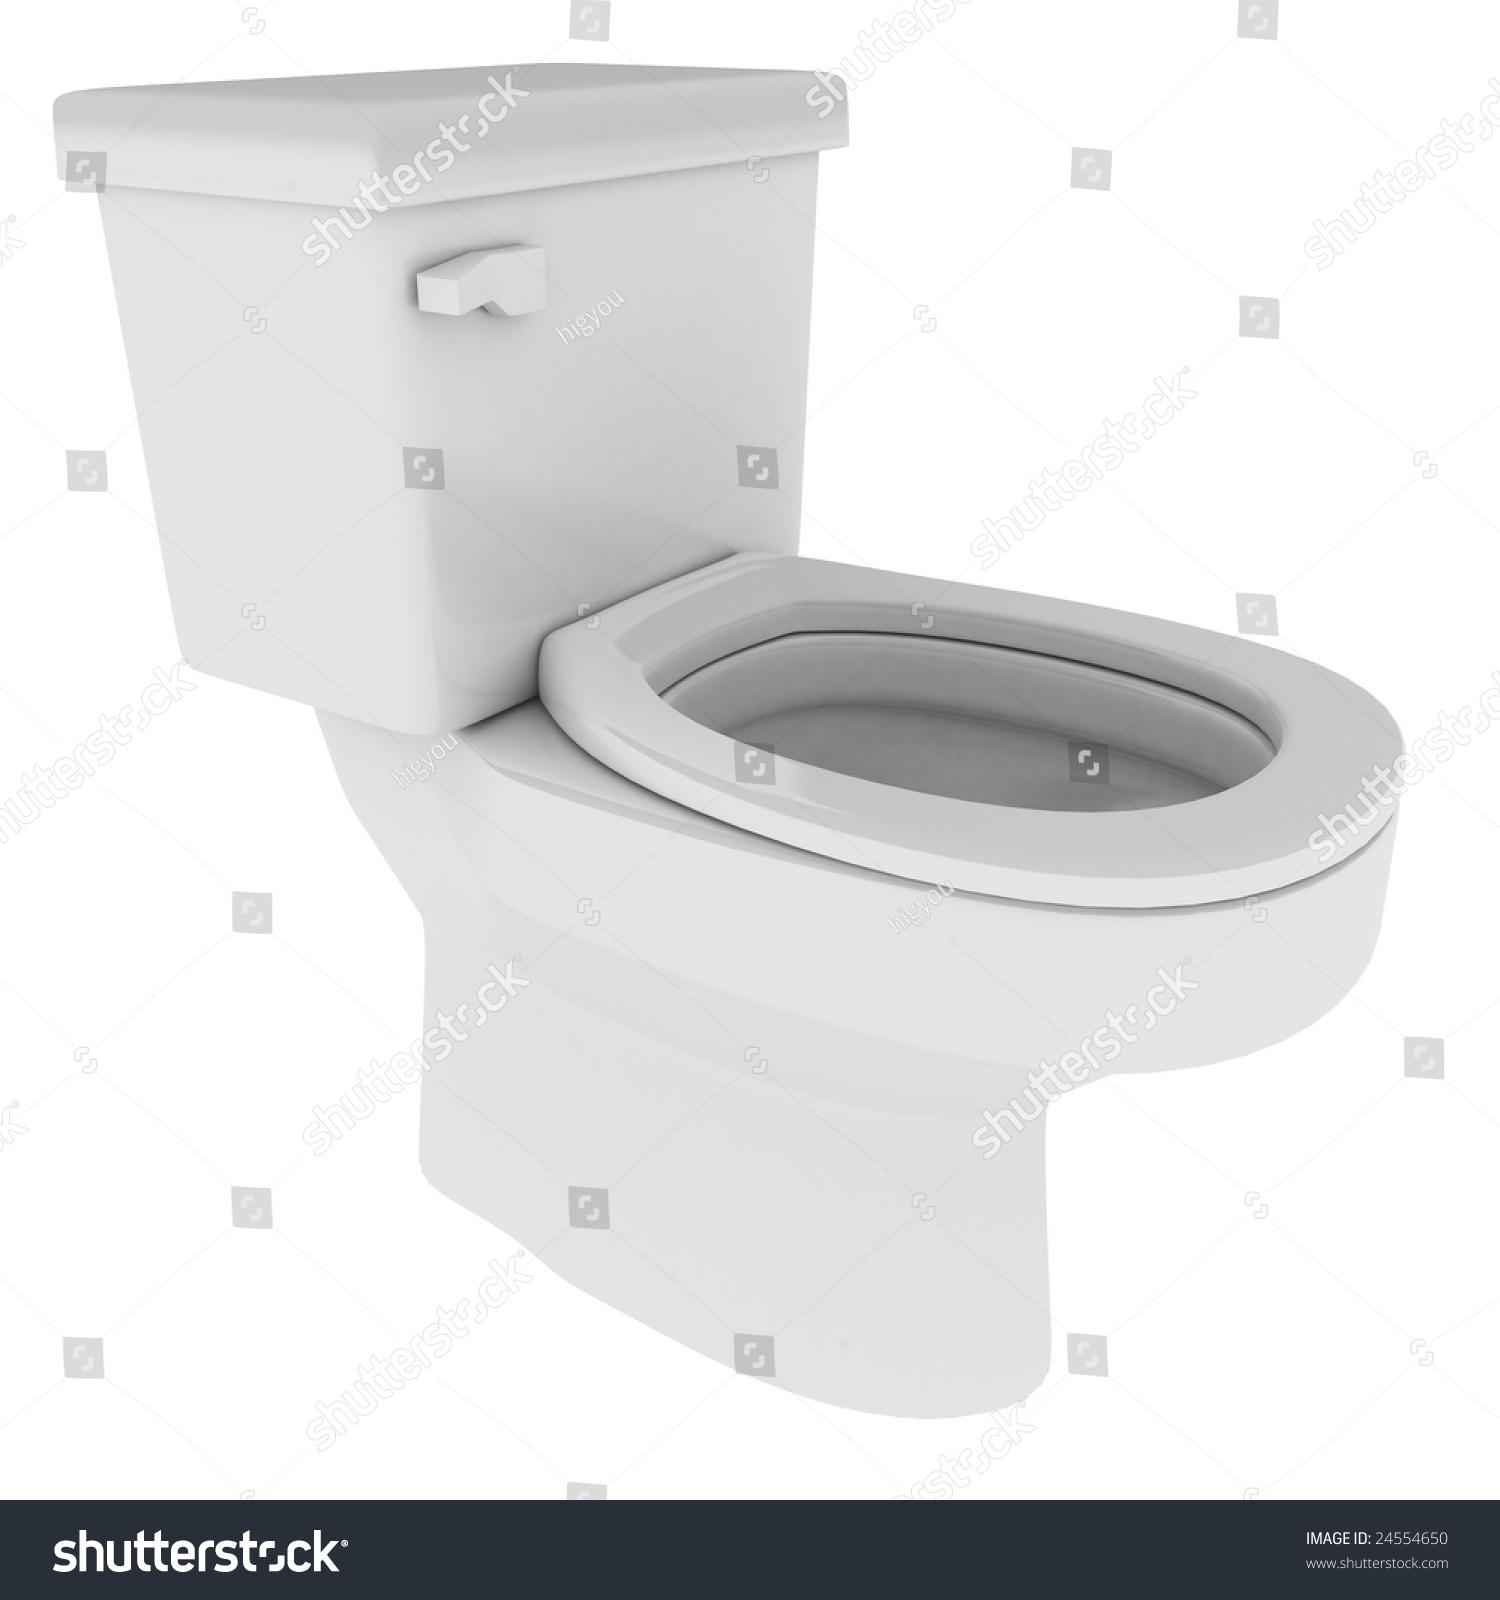 White 3d toilet model isolated stock illustration 24554650 shutterstock - Toilet model ...